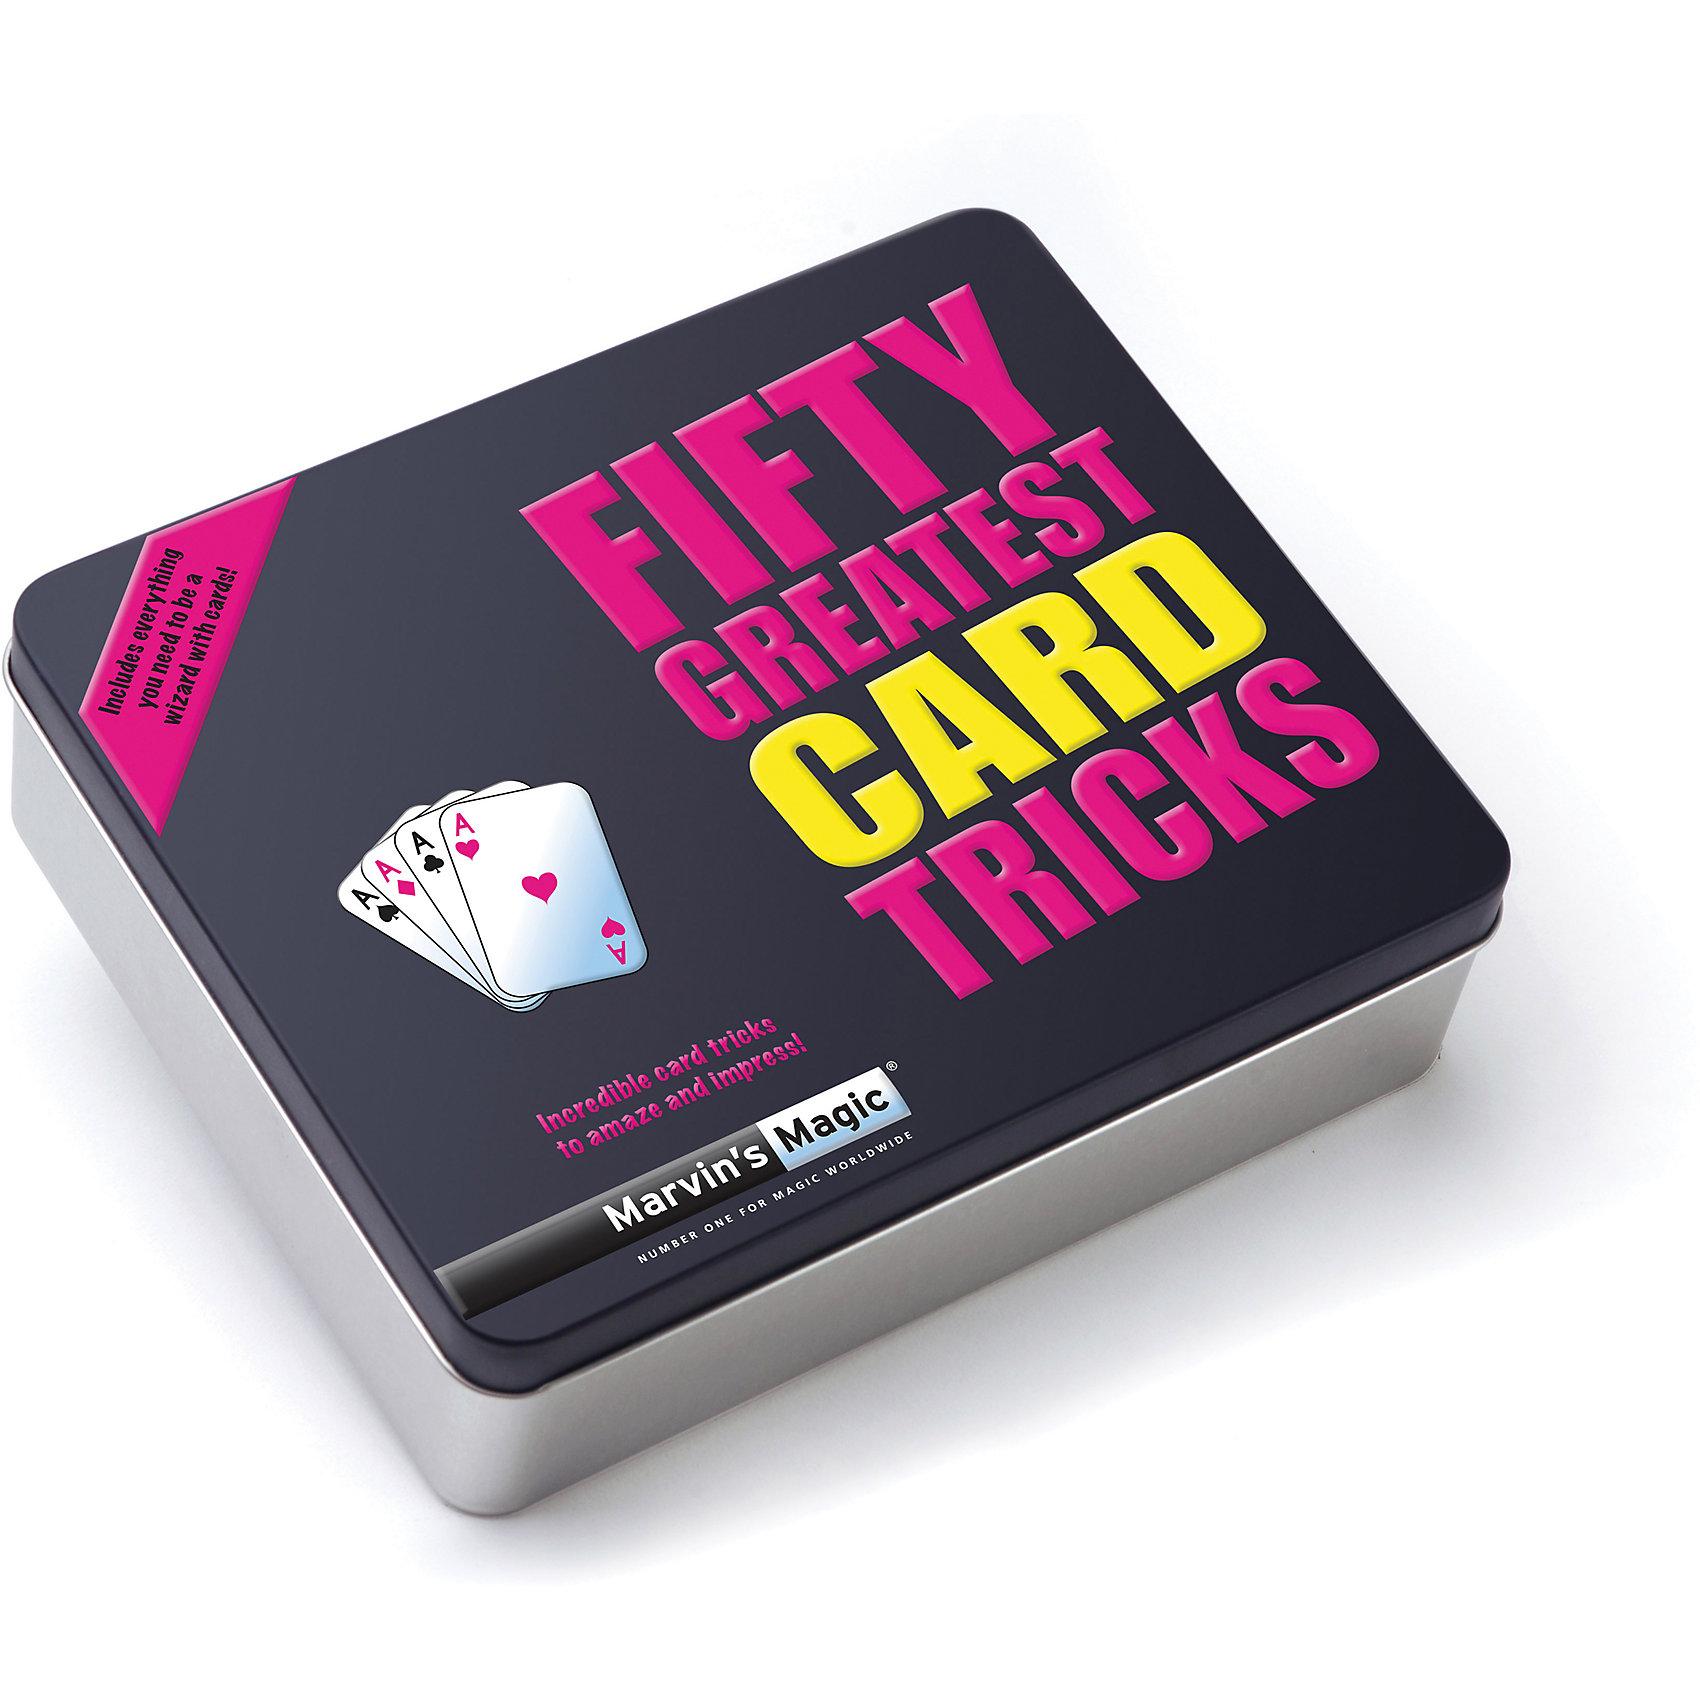 Набор фокусов  50 величайших  карточных фокусовНабор фокусов 50 величайших карточных фокусов.<br><br>Характеристики:<br><br>• Возраст: от 8 лет<br>• В наборе: колода карт, подробная инструкция<br>• Количество фокусов: 50<br>• Материал: картон<br>• Упаковка: жестяная коробка<br>• Размер упаковки: 17,8x5,1x15,2 см.<br><br>Набор фокусов 50 величайших карточных фокусов от Marvins Magic превратит Вас в настоящего карточного фокусника! С помощью карт Вы сможете показать 50 величайших фокусов для своих друзей. В эксклюзивной книге в твердом переплете Вы найдете подробную инструкцию с картинками. Карточные хитрости, такие как изменение цвета туза, таинственная сила разума и другие не дадут скучать Вам и Вашим друзьям. Набор 50 величайших карточных фокусов от Marvins Magic - это отличный тренажер для развития сообразительности, ловкости и быстроты реакции.<br><br>Набор фокусов 50 величайших карточных фокусов можно купить в нашем интернет-магазине.<br><br>Ширина мм: 180<br>Глубина мм: 50<br>Высота мм: 150<br>Вес г: 426<br>Возраст от месяцев: 96<br>Возраст до месяцев: 2147483647<br>Пол: Унисекс<br>Возраст: Детский<br>SKU: 5482546